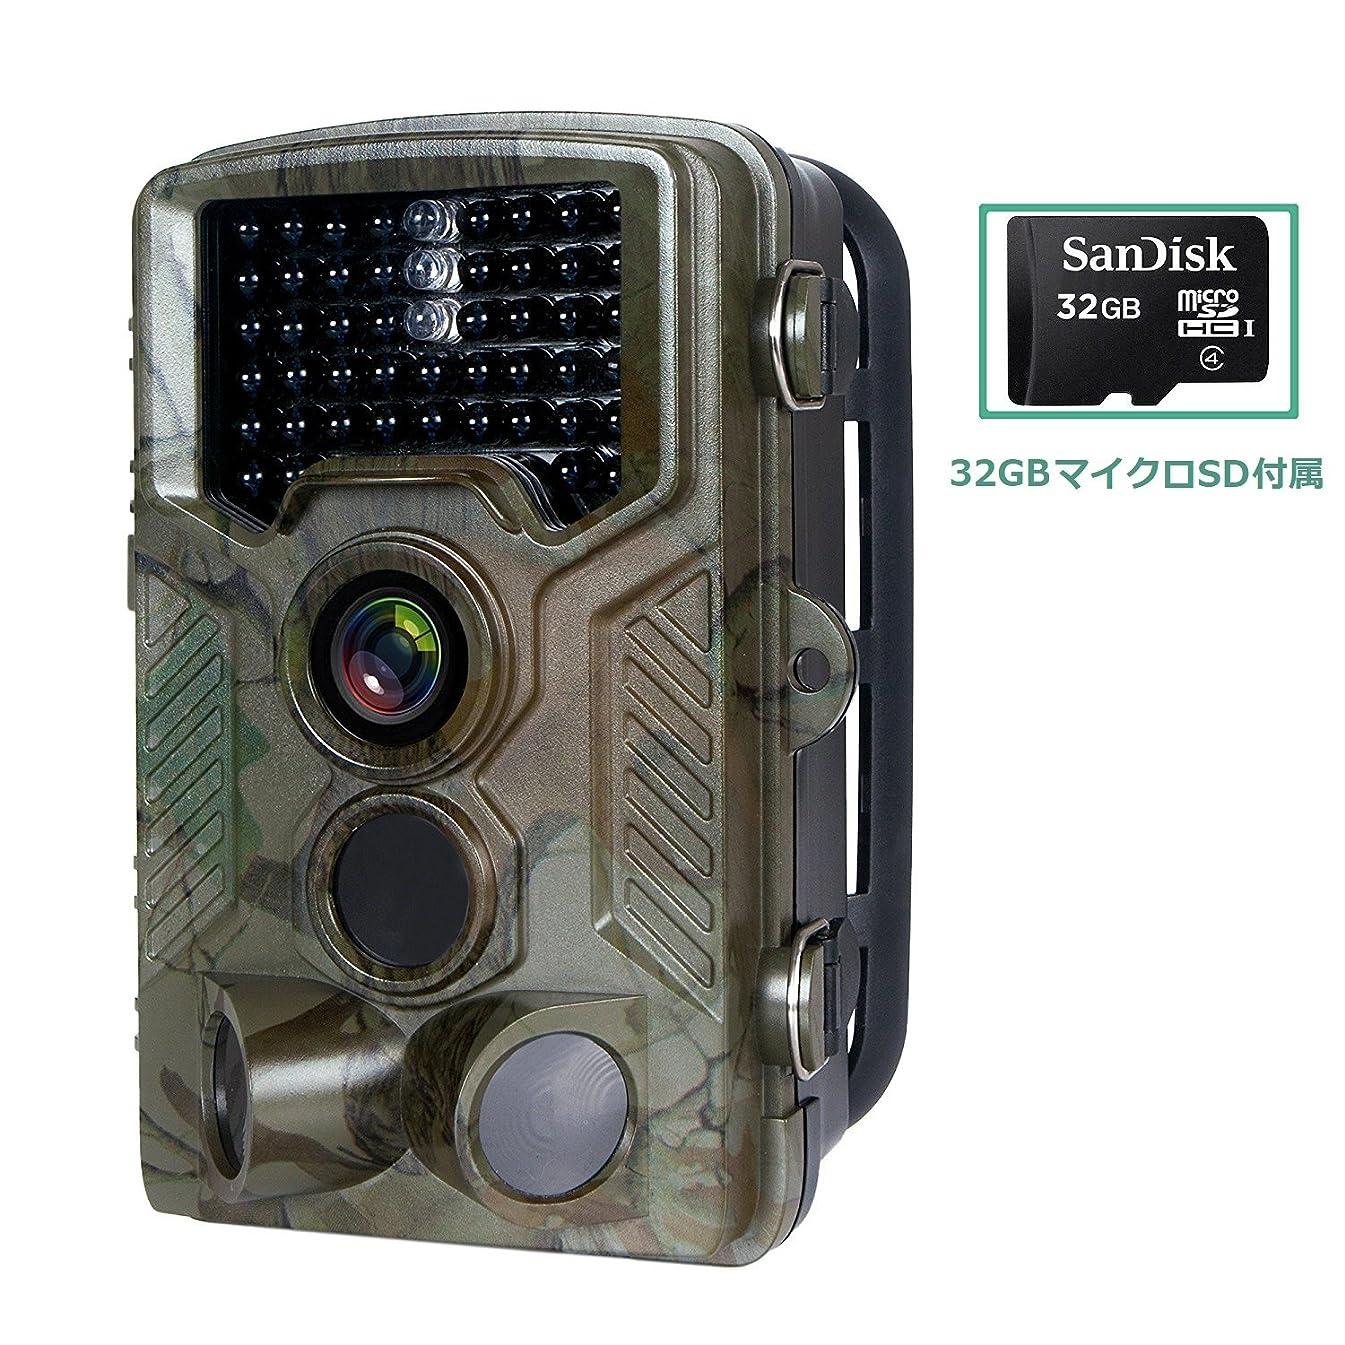 入浴申し込むメンダシティEyemag トレイルカメラ 屋外 防犯 監視 カメラ 1600万画素 人感センサー 暗視 録画 IP56 防水 配線不要 32GB マイクロSD付属